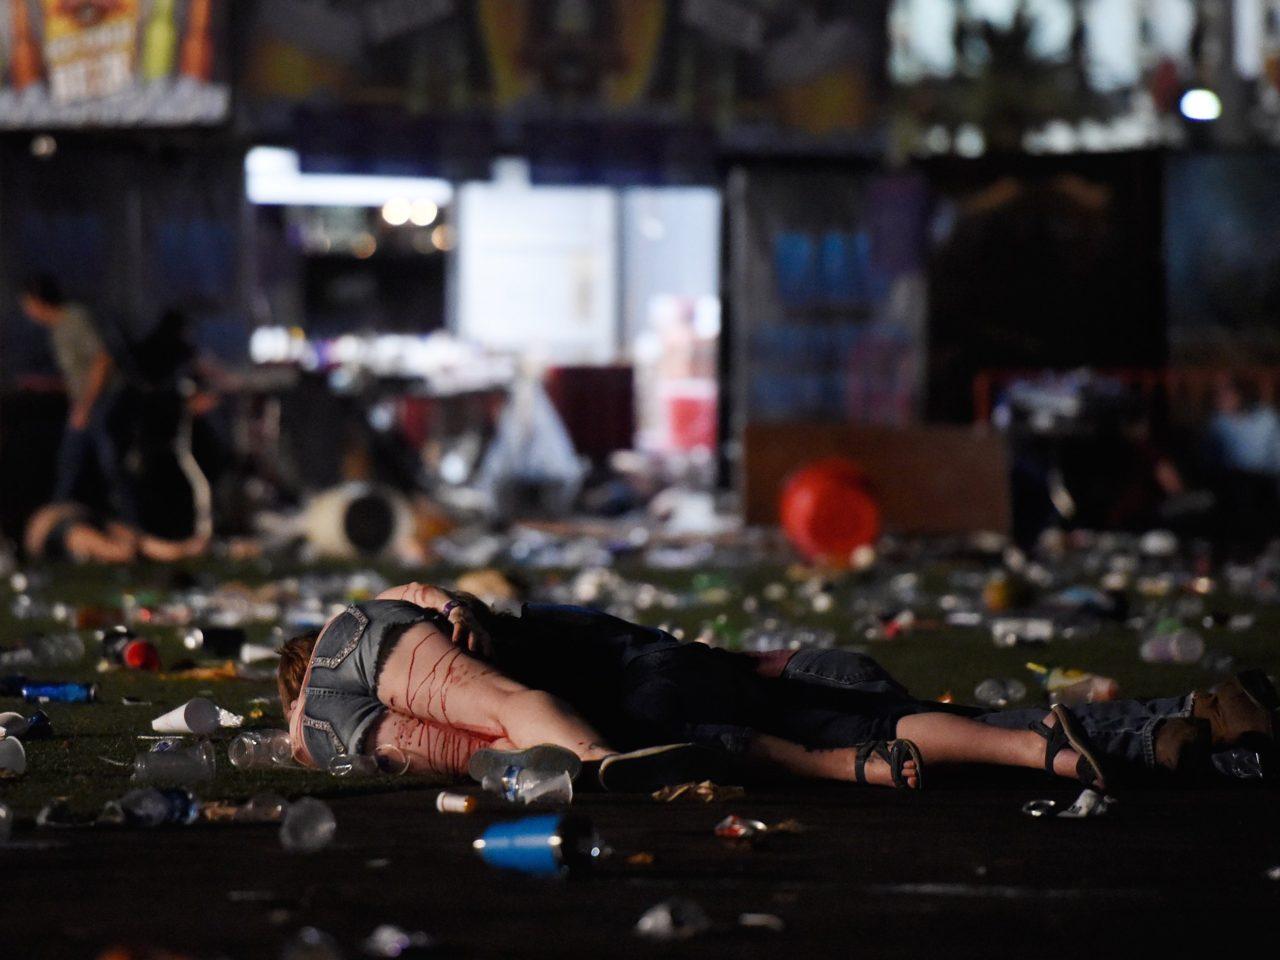 Thảm sát Las Vegas: Nơi dân tự do trải nghiệm vũ khí giết người - 2